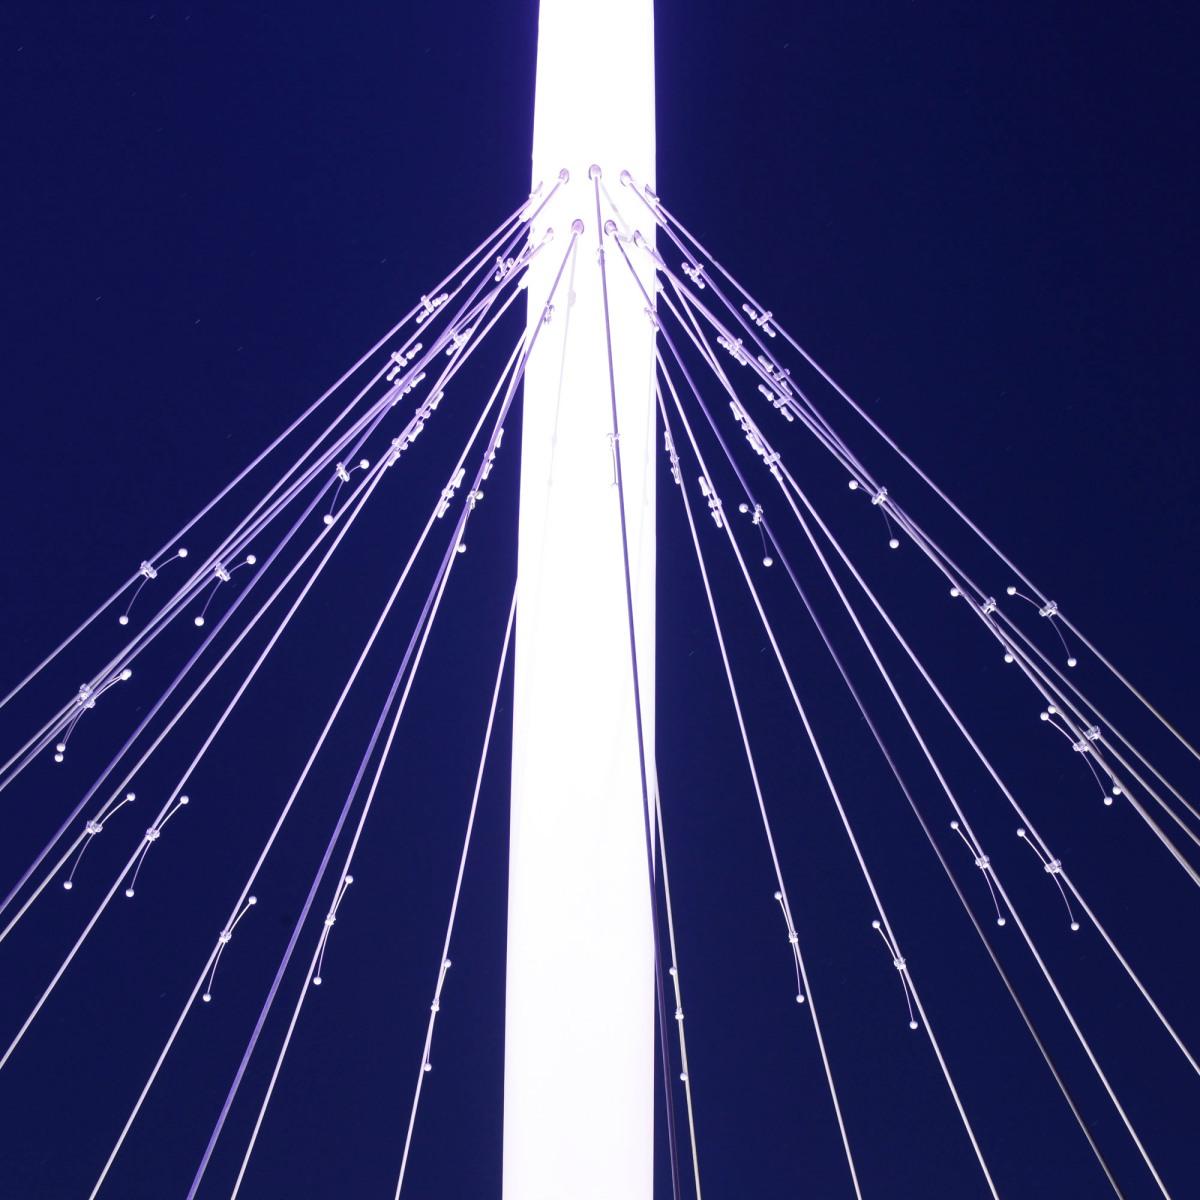 lighting - hovenring - circular cycle bridge - dampers - fietsrotonde